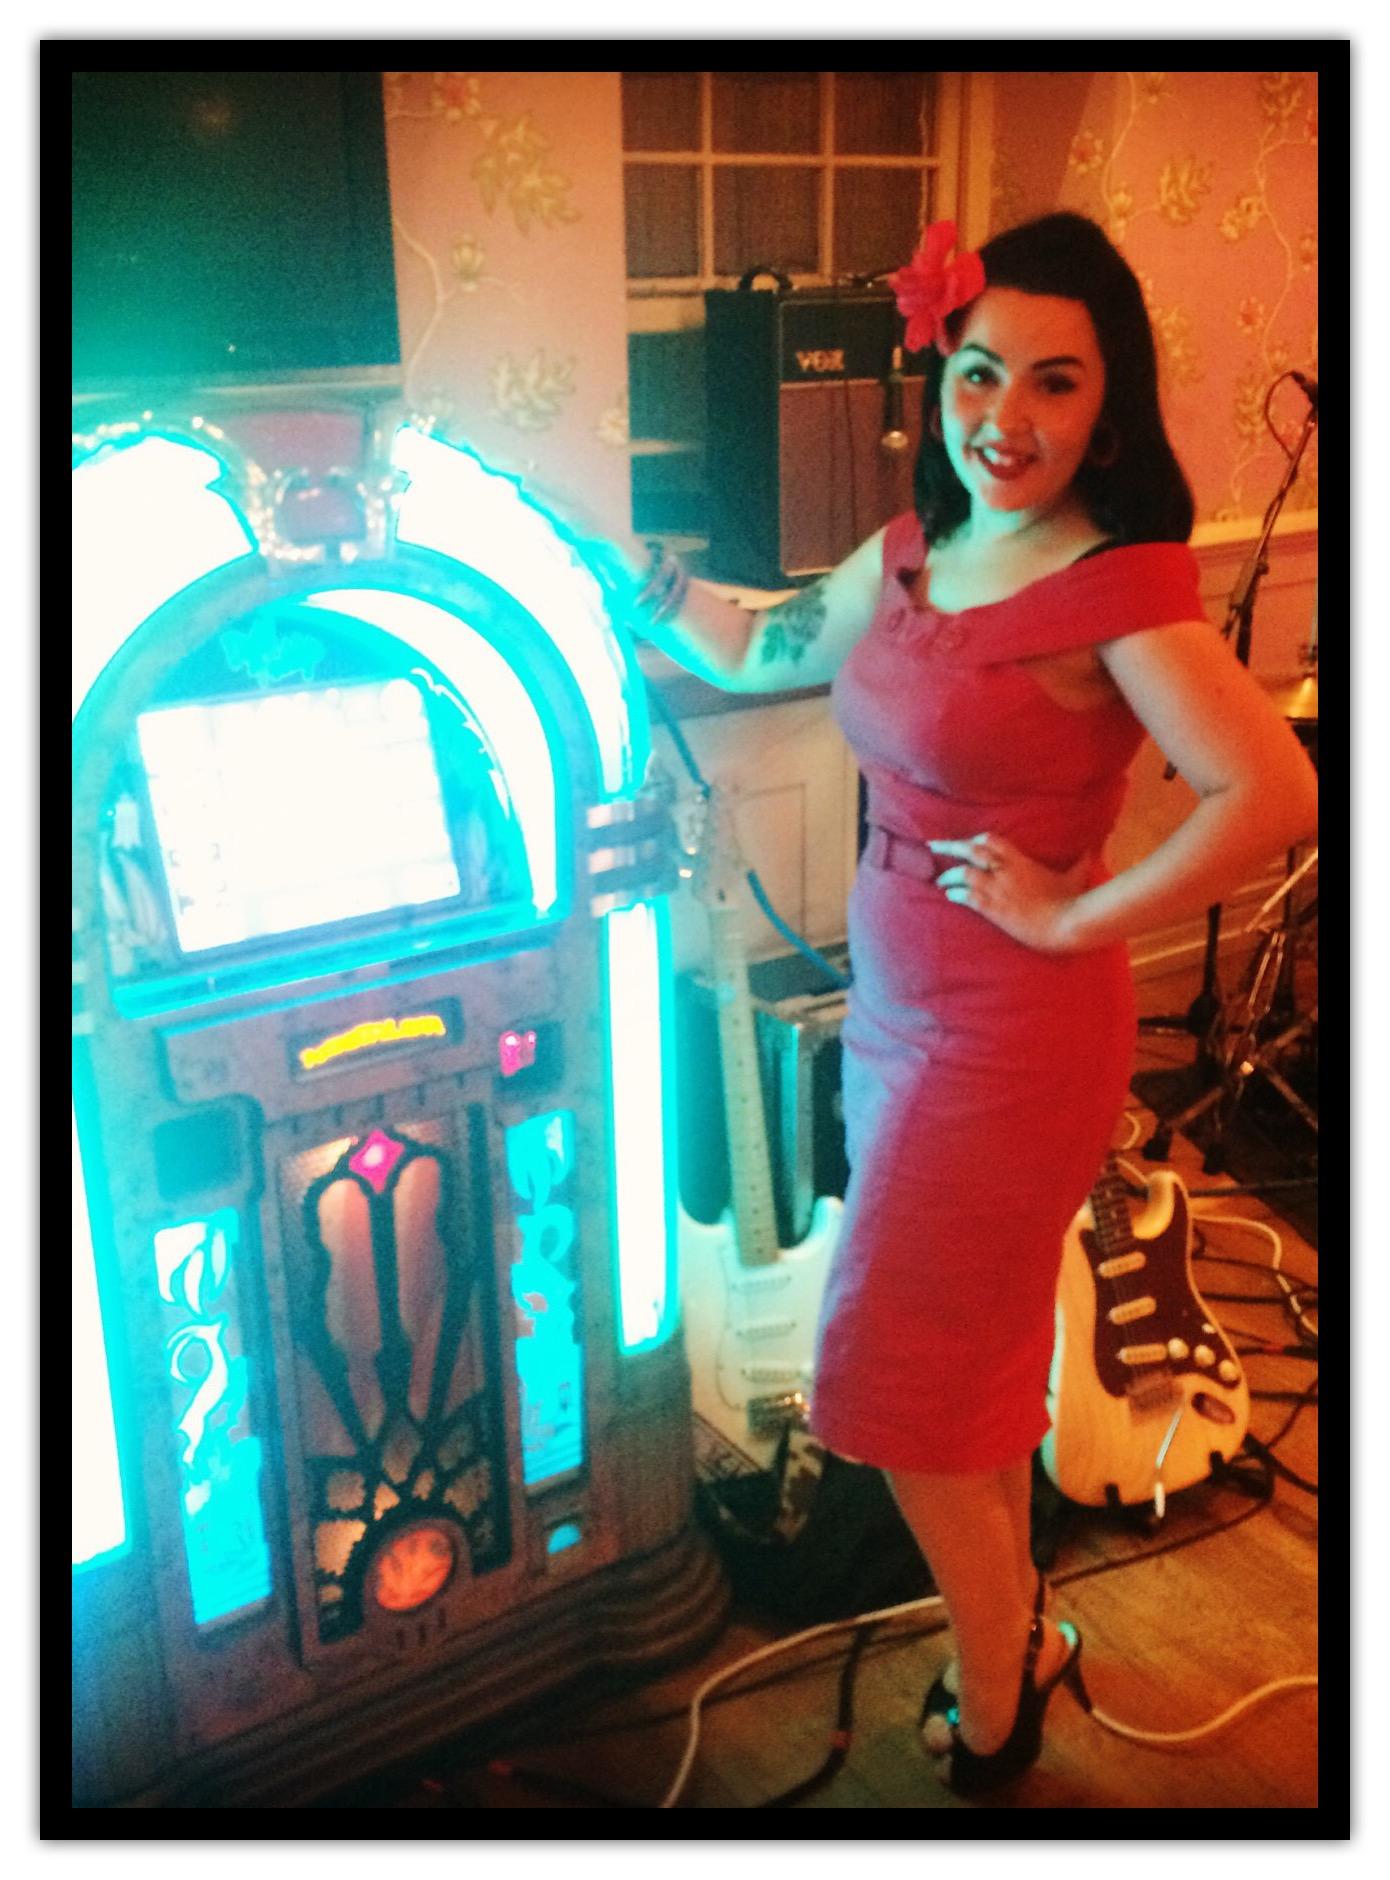 Becki Fishwick next to jukebox